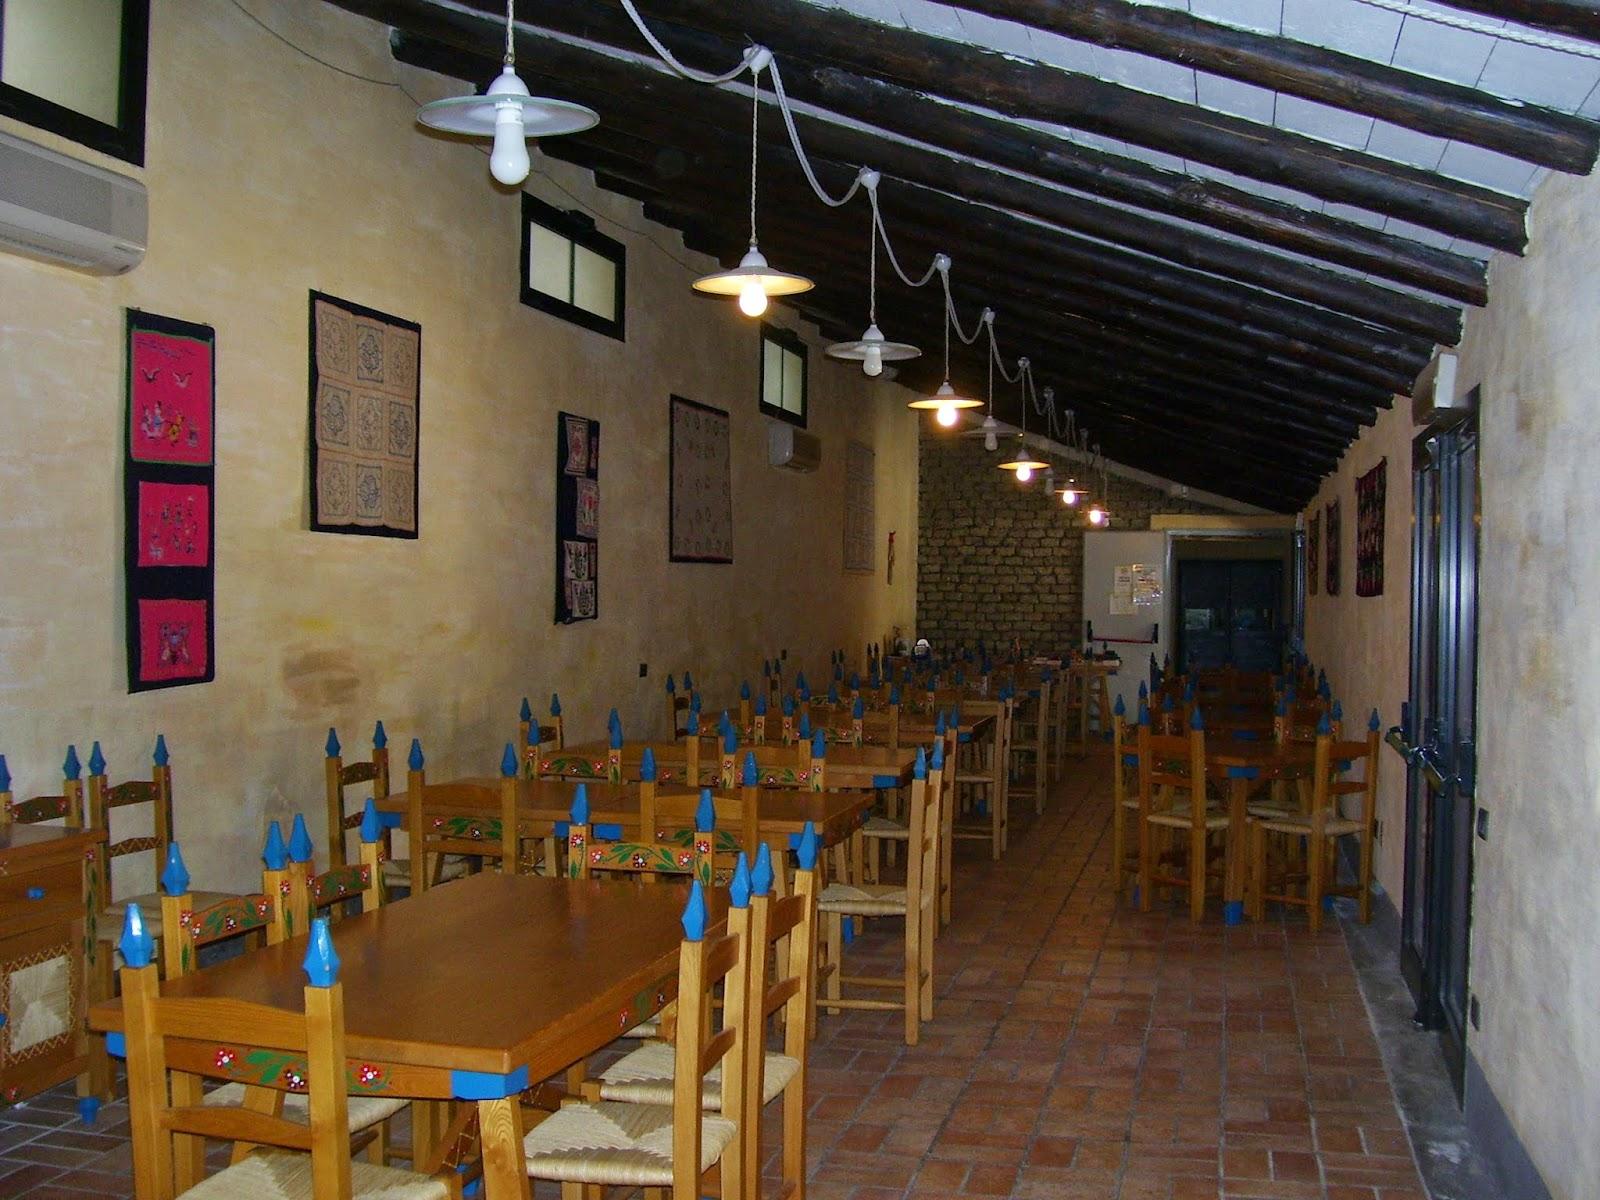 Nella Sala Da Pranzo Del Ristorante Resta Immobile L'antica Macina Per  #9C7430 1600 1200 Sala Da Pranzo Del Convento Sinonimo